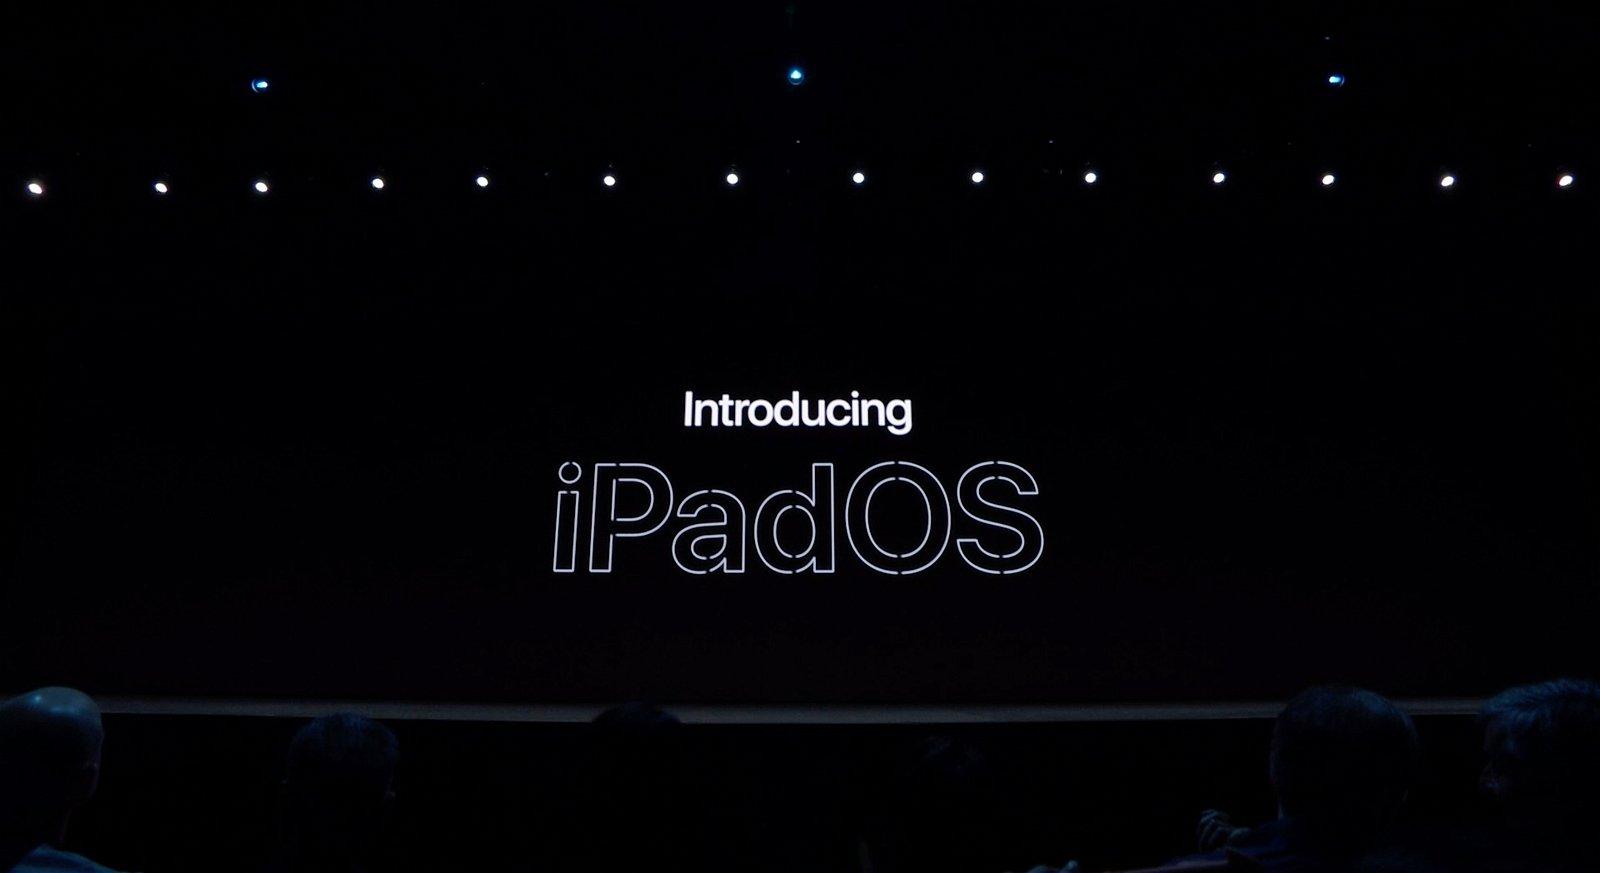 Nuevo iOS 13: todas las novedades que llegarán a tu iPhone y iPad